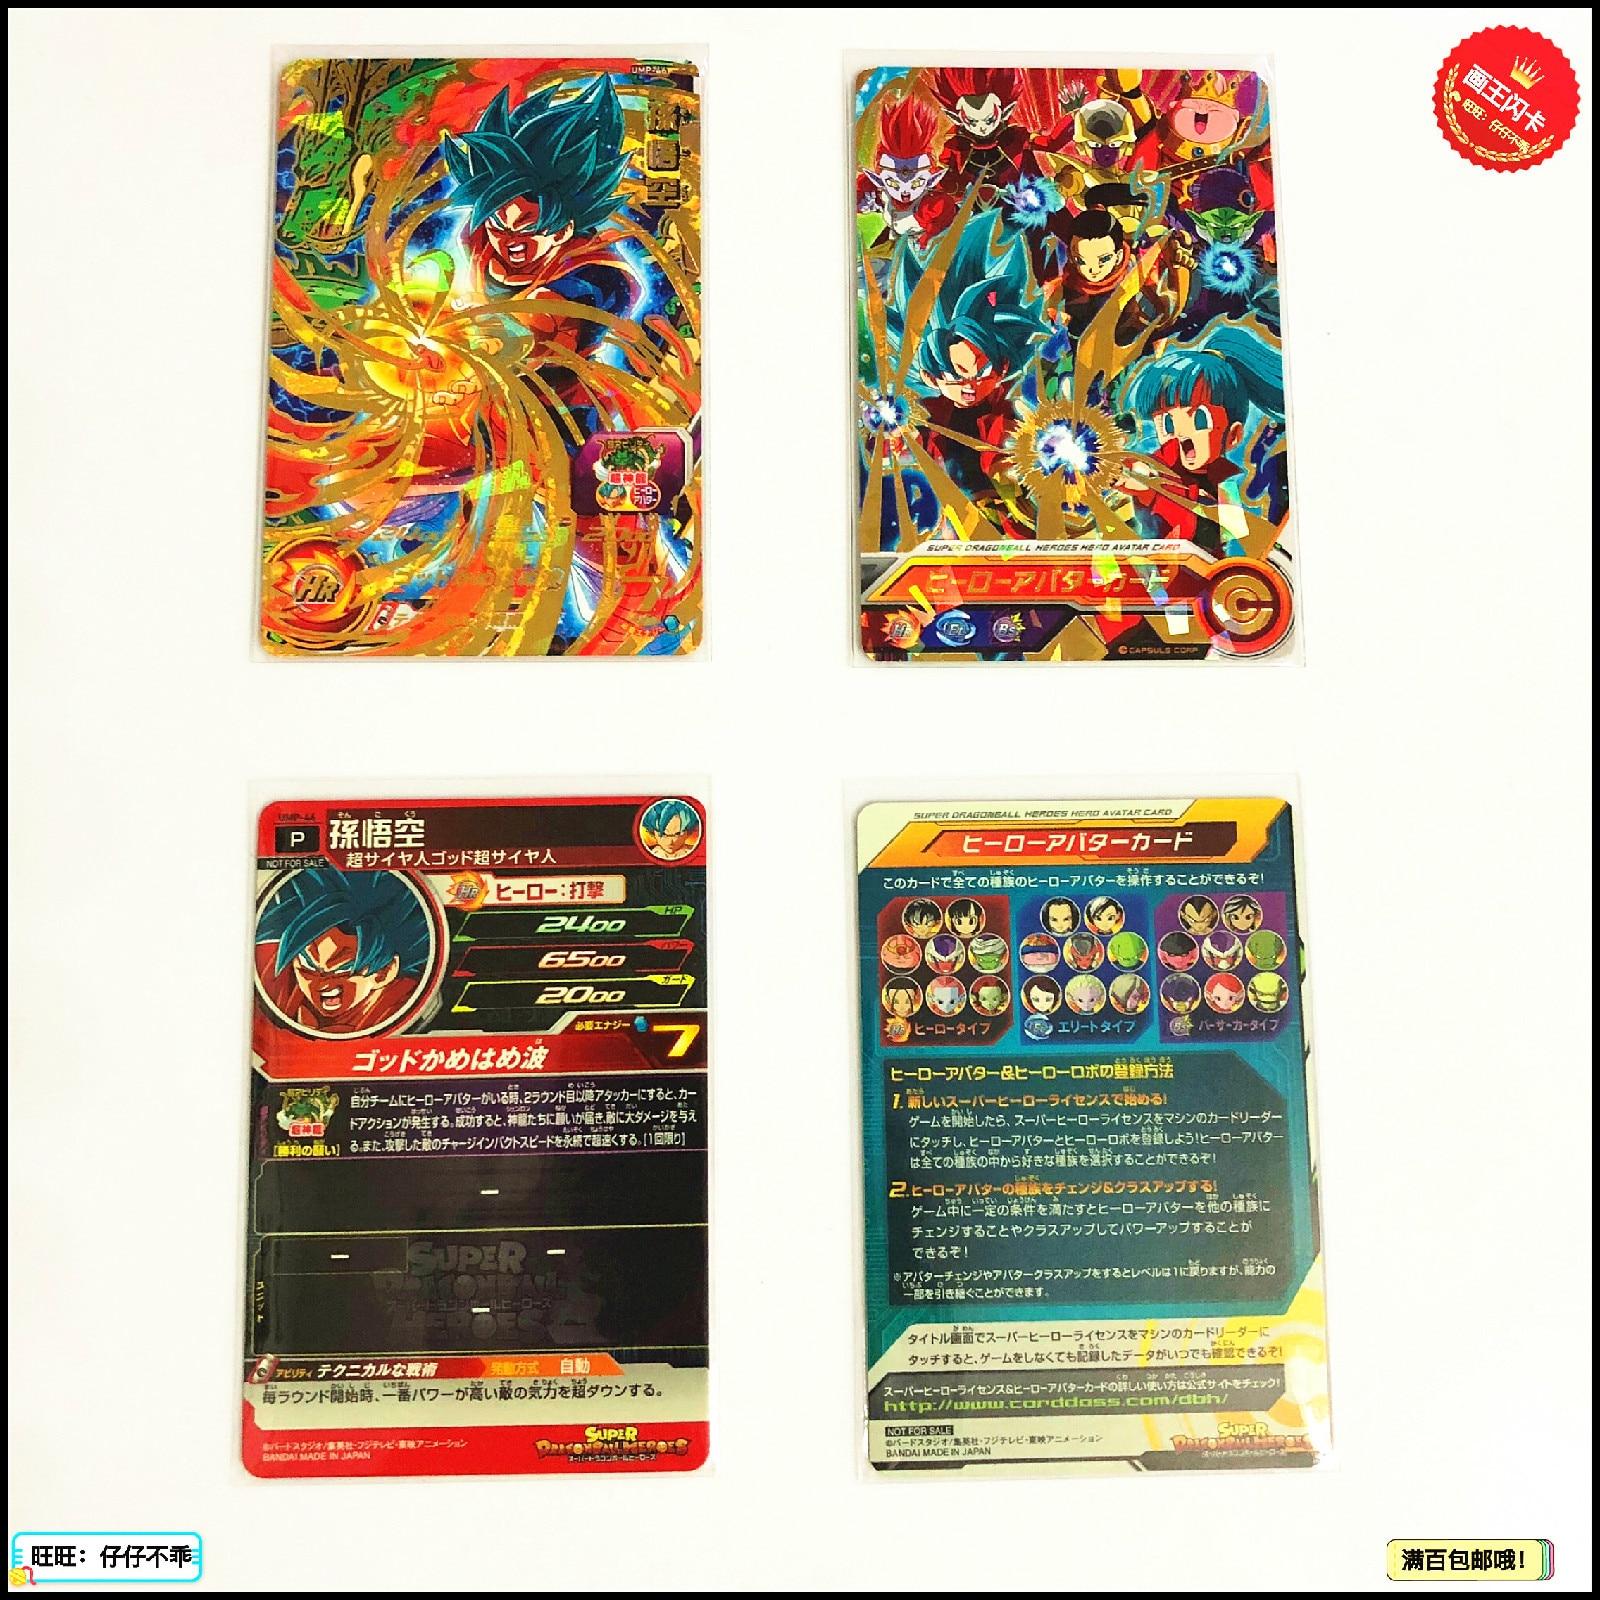 Japan Original UMP-46 Dragon Ball Hero Card Flash God Super Saiyan Goku Toys Hobbies Collectibles Game Collection Anime Cards